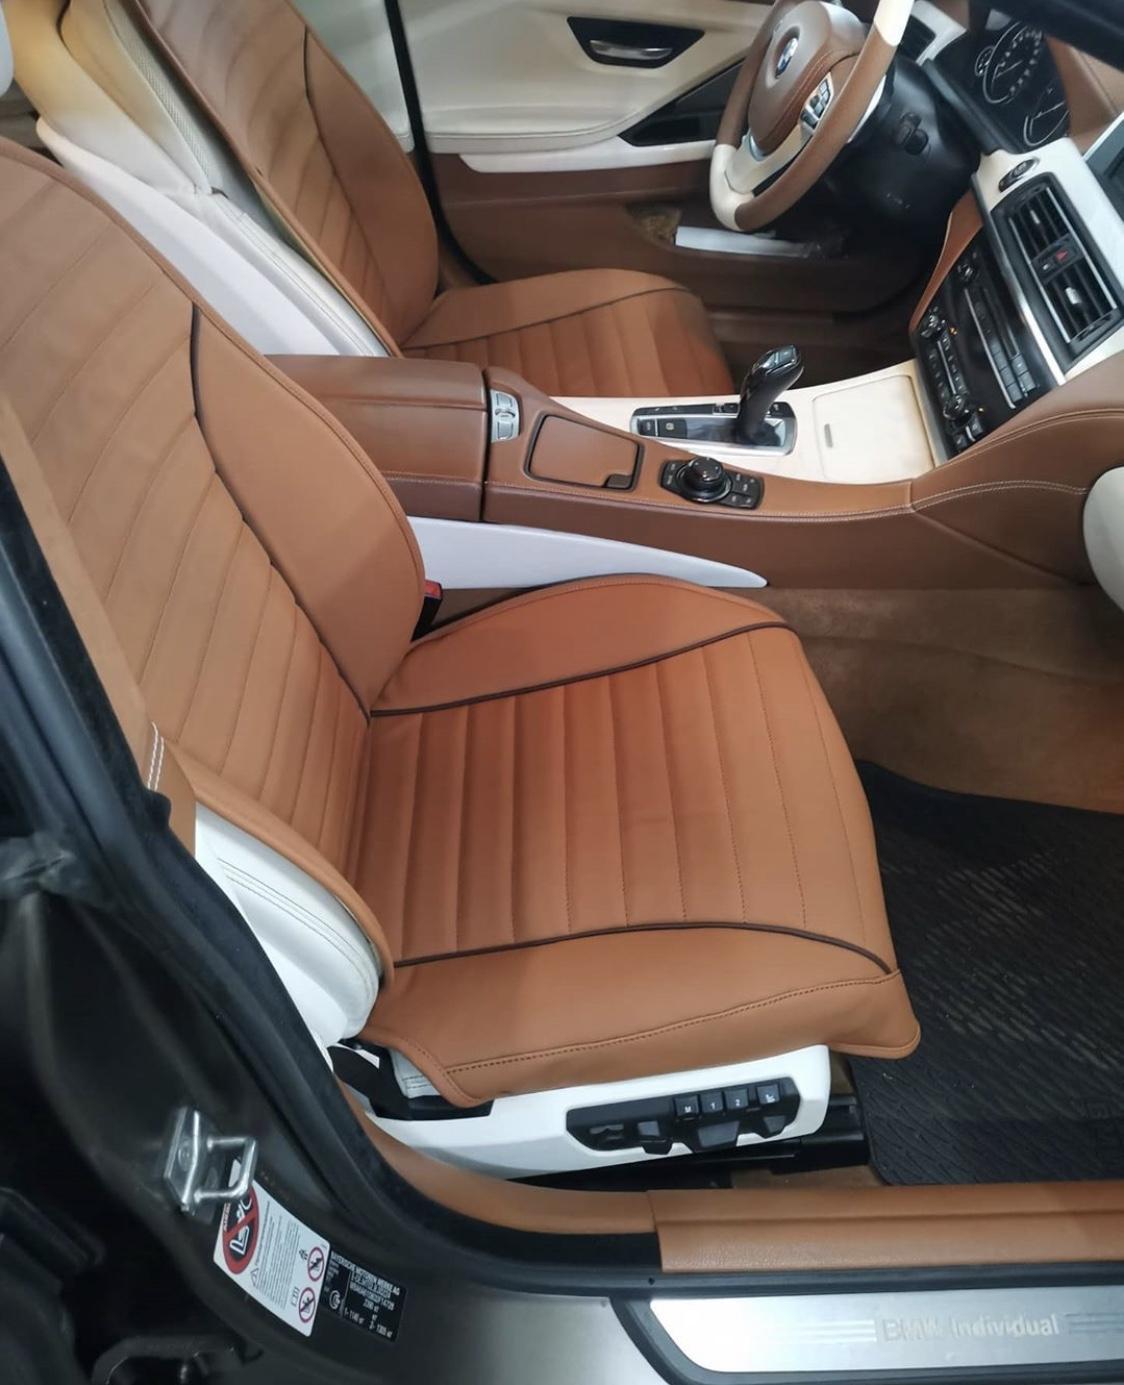 Индивидуальный пошив накидок на сиденья для вашего автомобиля.